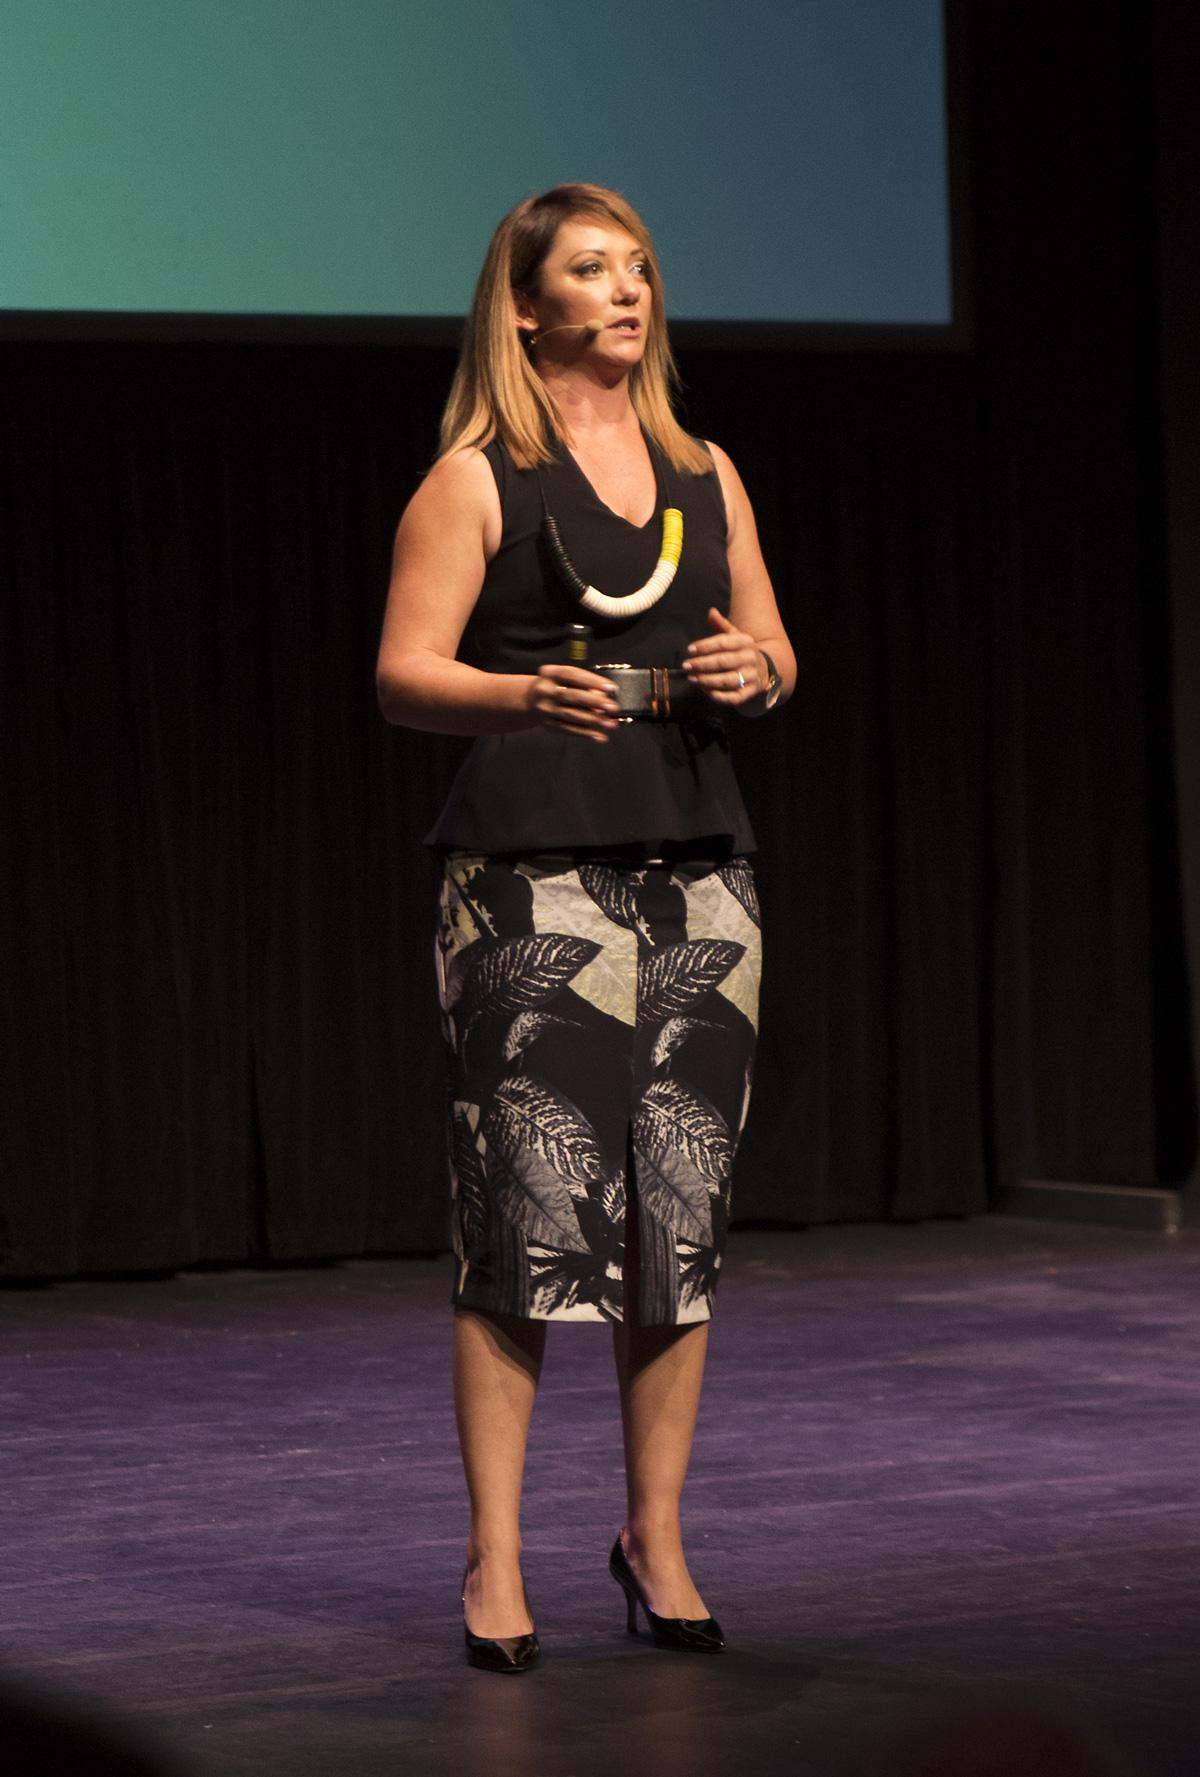 Amanda Stevens at Upside Live Melbourne 2015